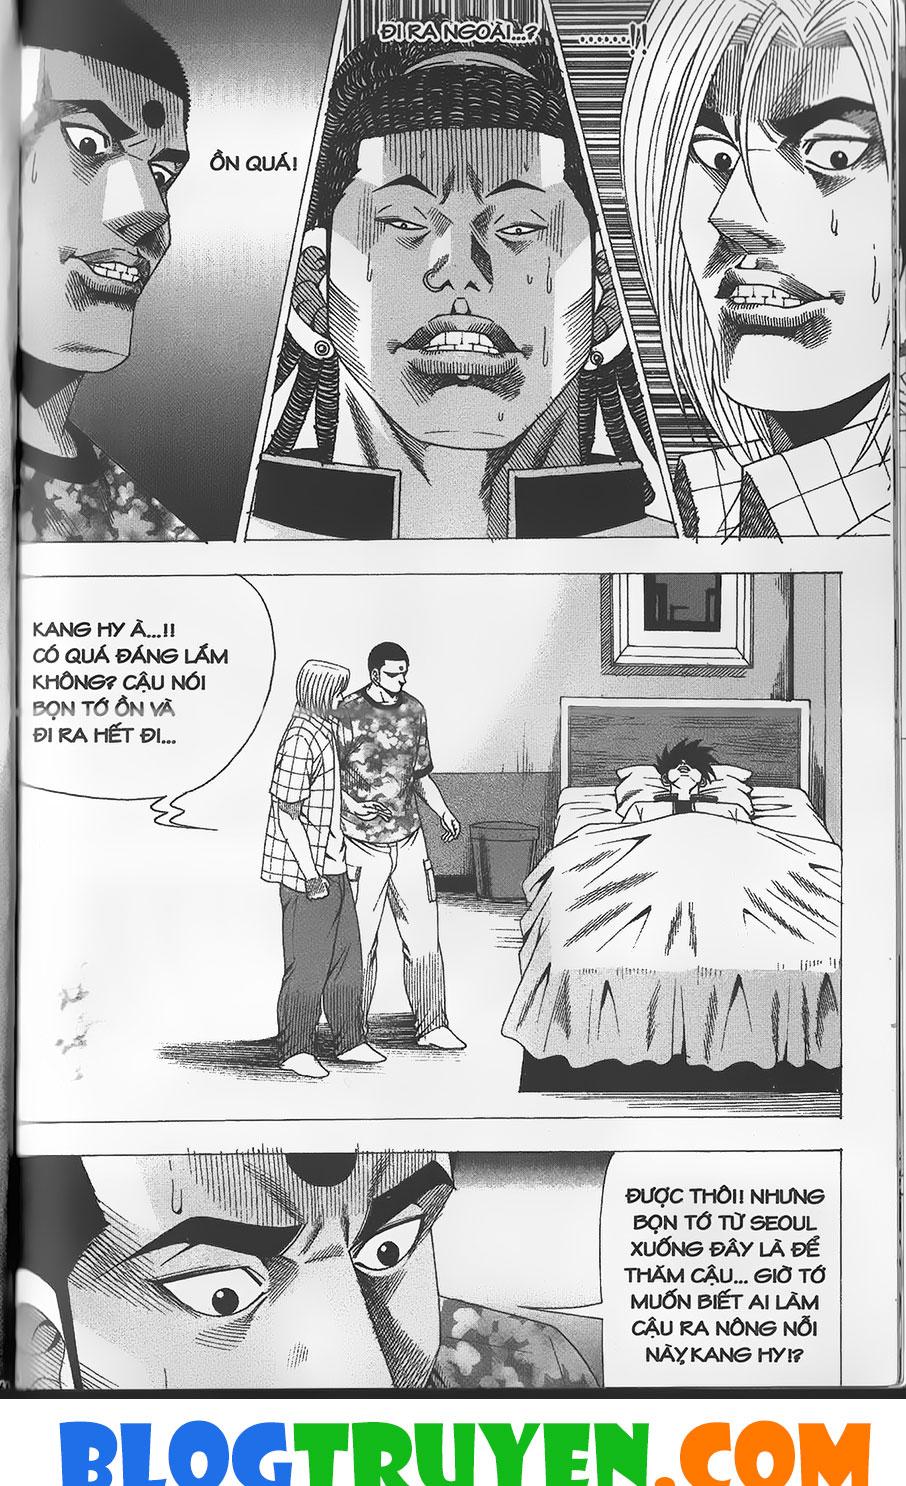 Bitagi - Anh chàng ngổ ngáo chap 283 trang 20